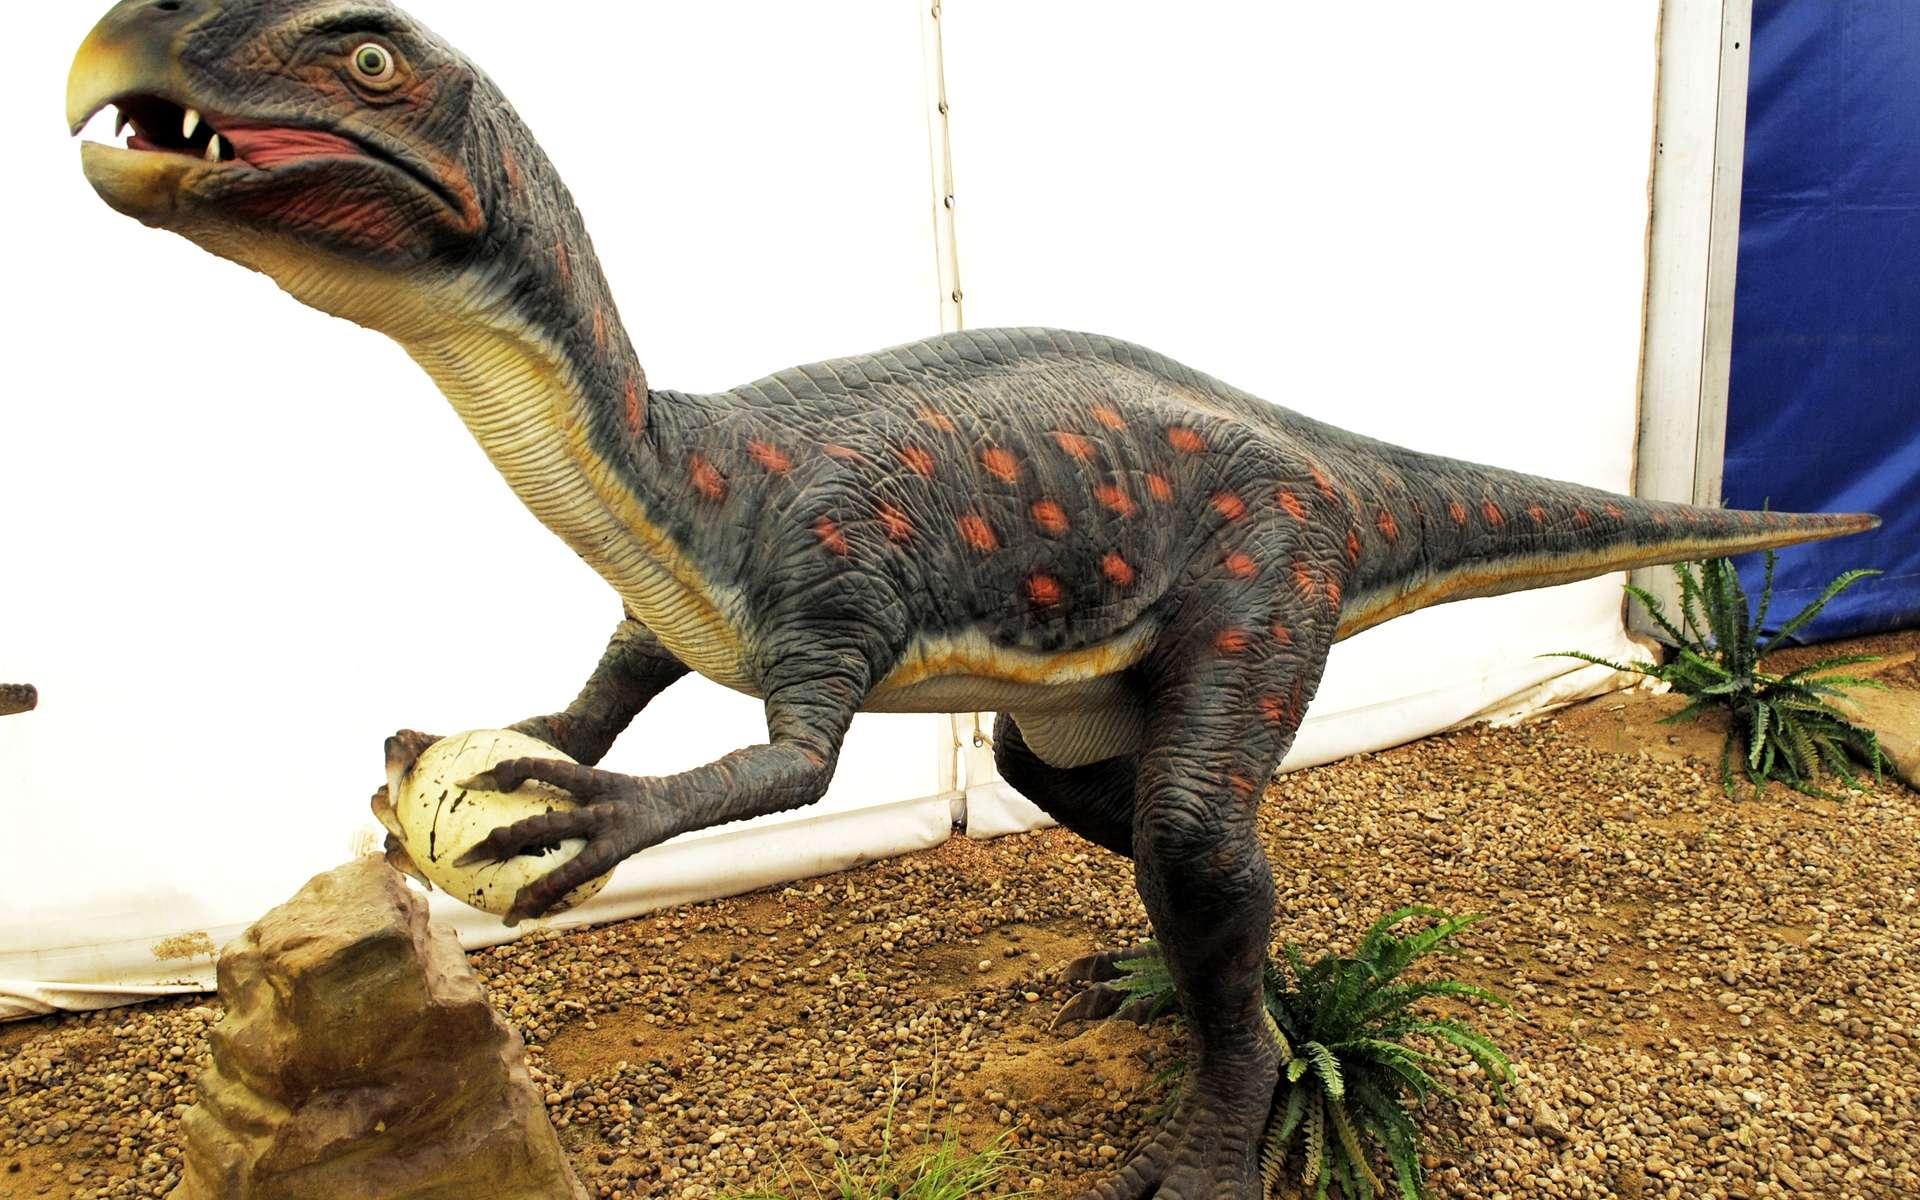 L'équipe a travaillé sur deux espèces très différentes dont un oviraptoridé. Dans cette famille de dinosaures, on avait une bouche édentée, des os creux, des jambes puissantes et trois longs doigts crochus. Proches des oiseaux, ces animaux devaient être très actifs. © HombreDHojalata